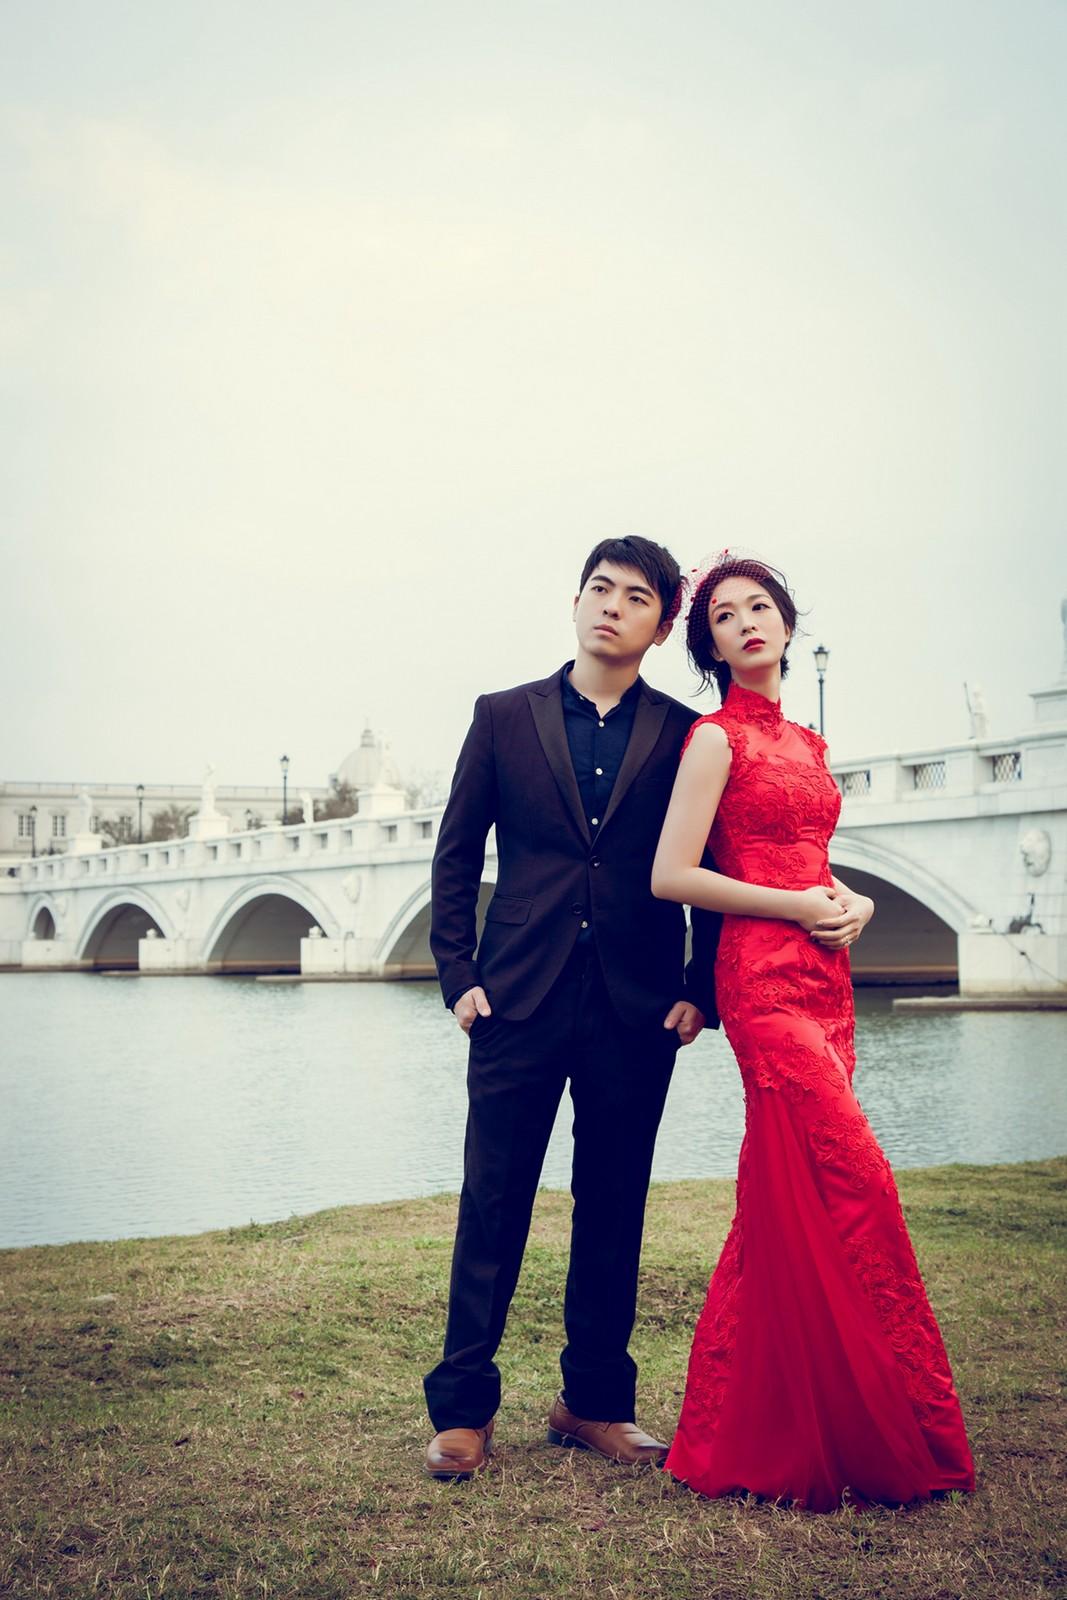 自助婚紗,自主婚紗推薦,台南 自助婚紗,tn15